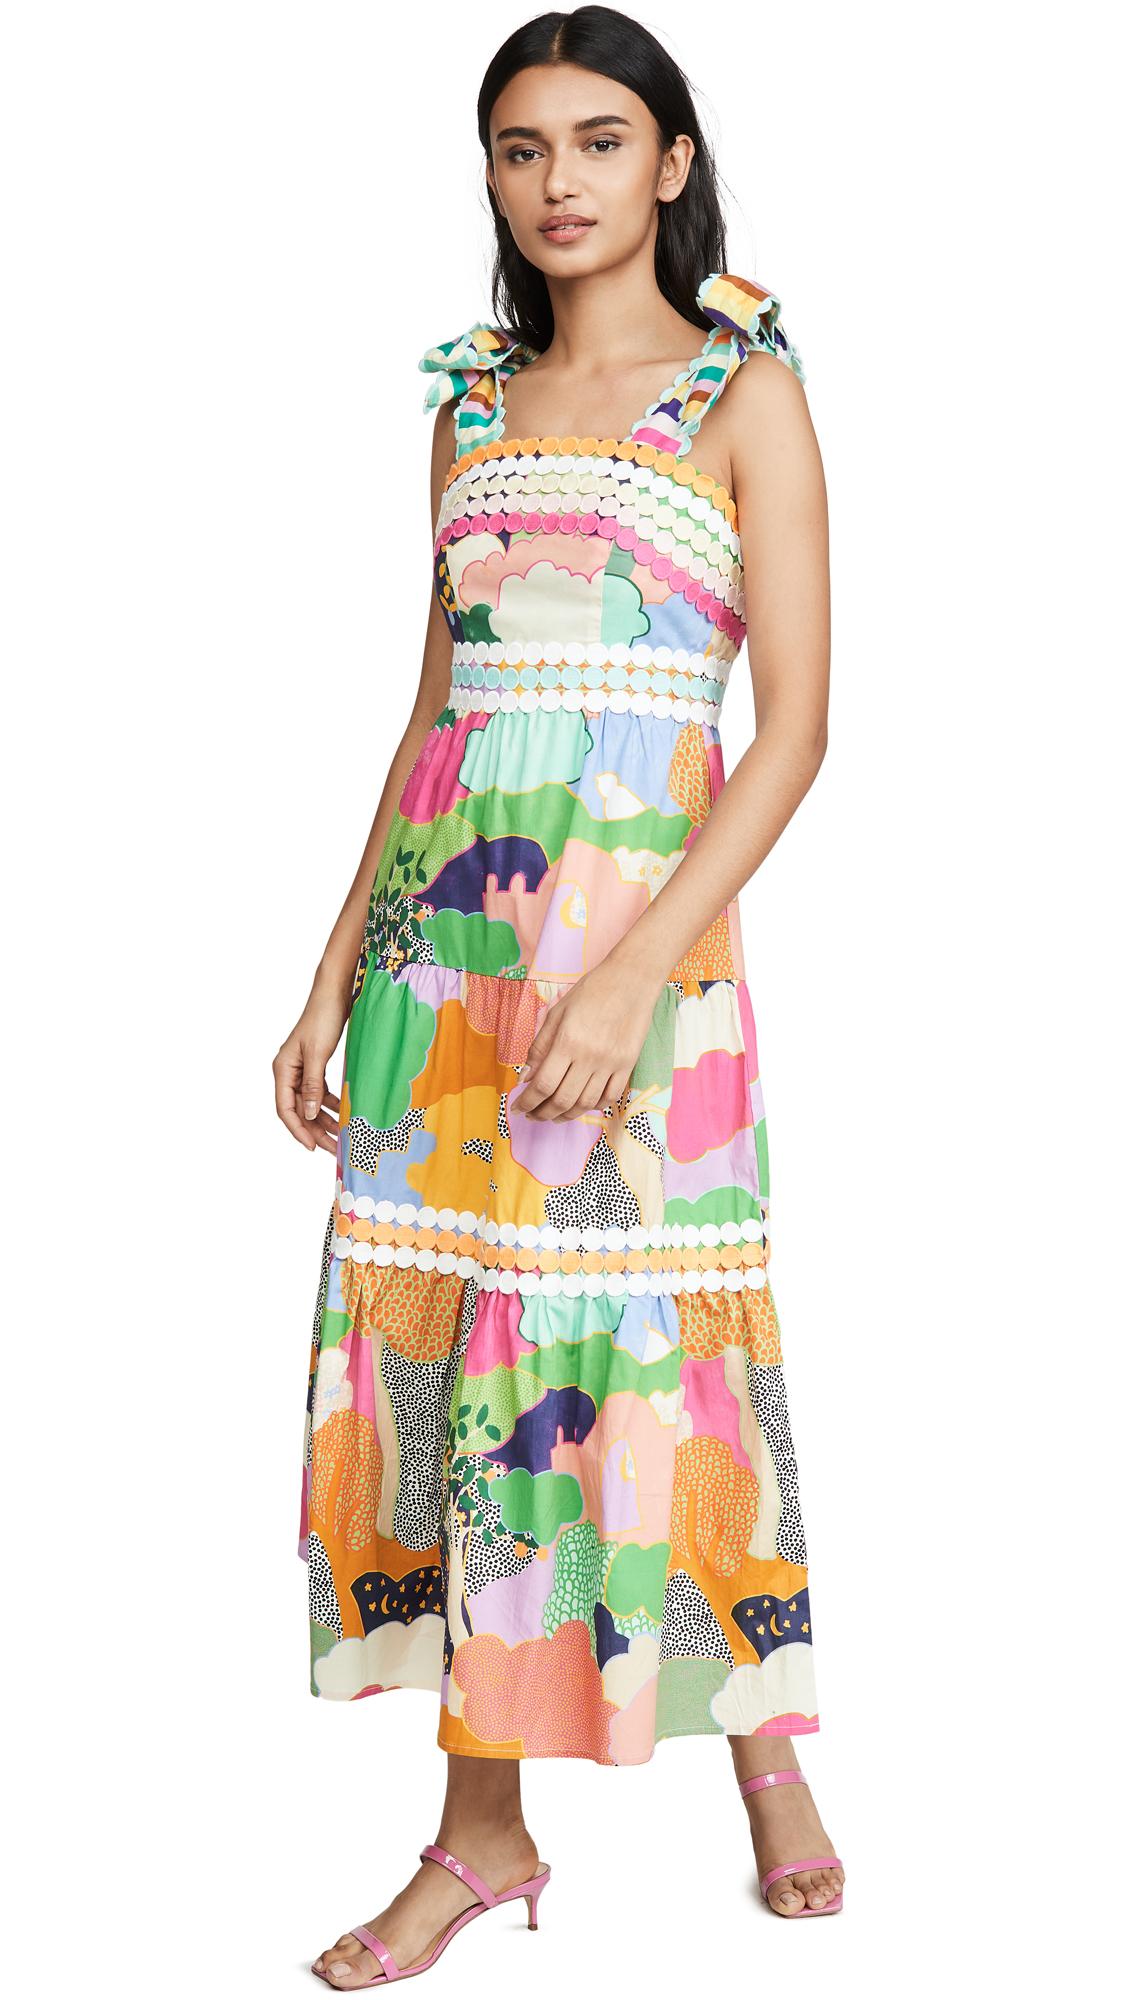 CeliaB Phuket Dress - 30% Off Sale